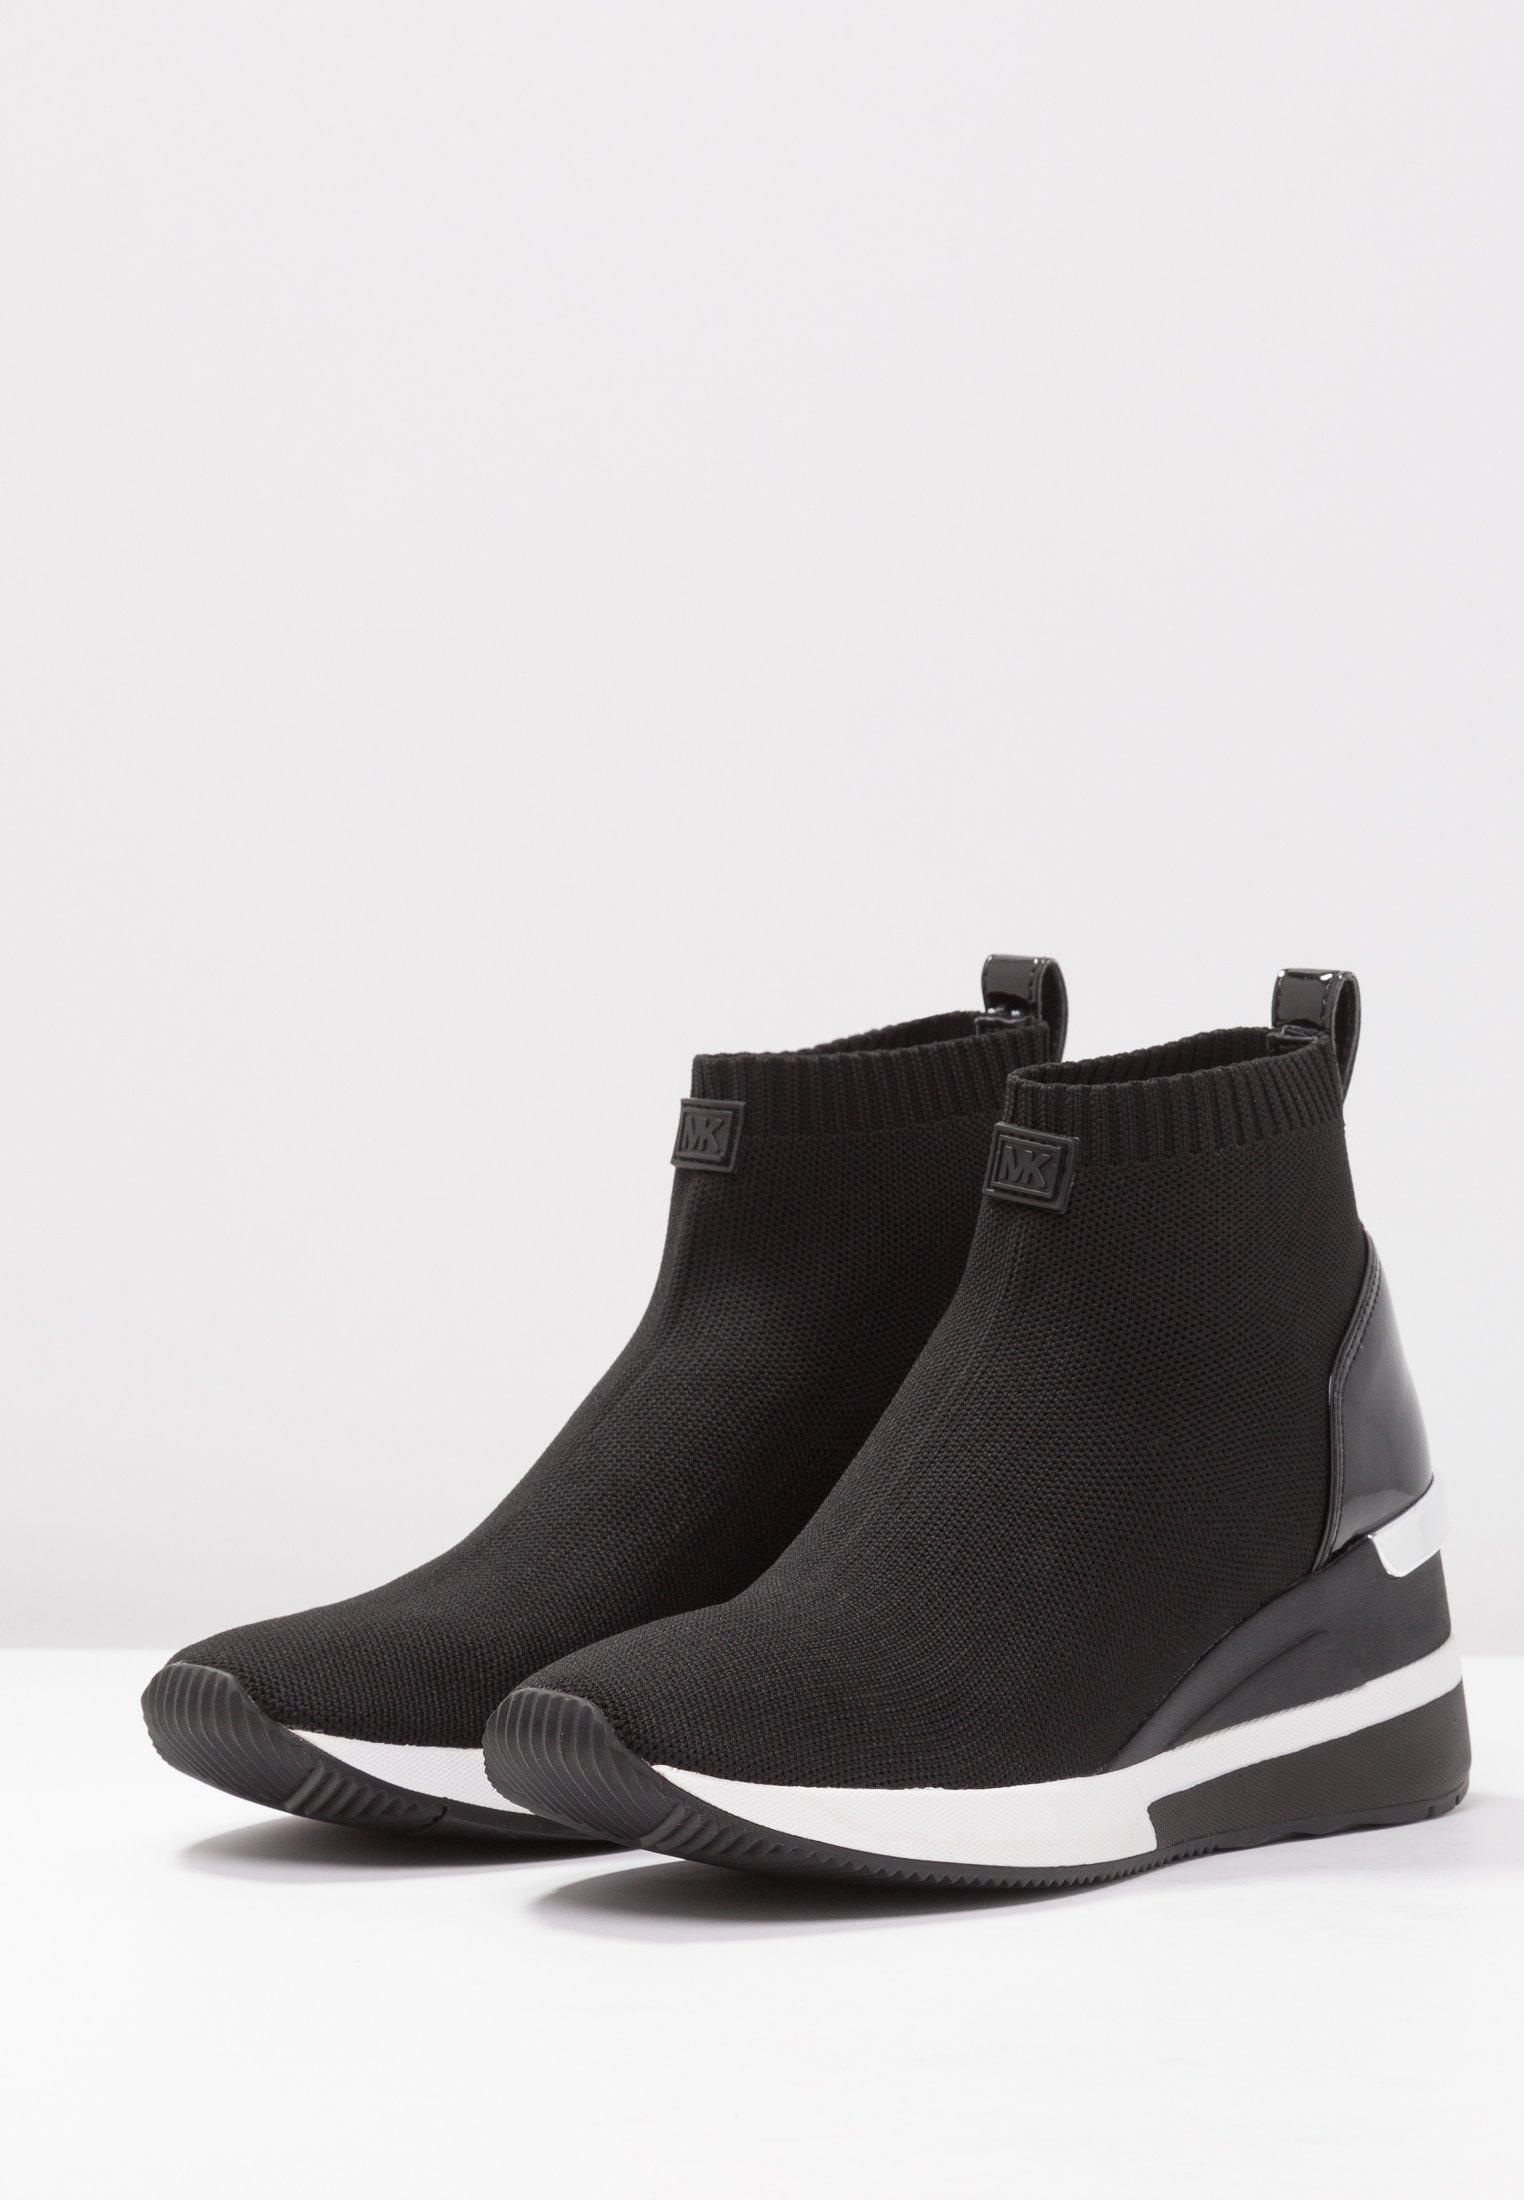 Michael Kors Skyler - Sneakers Alte Black xJ85LIh